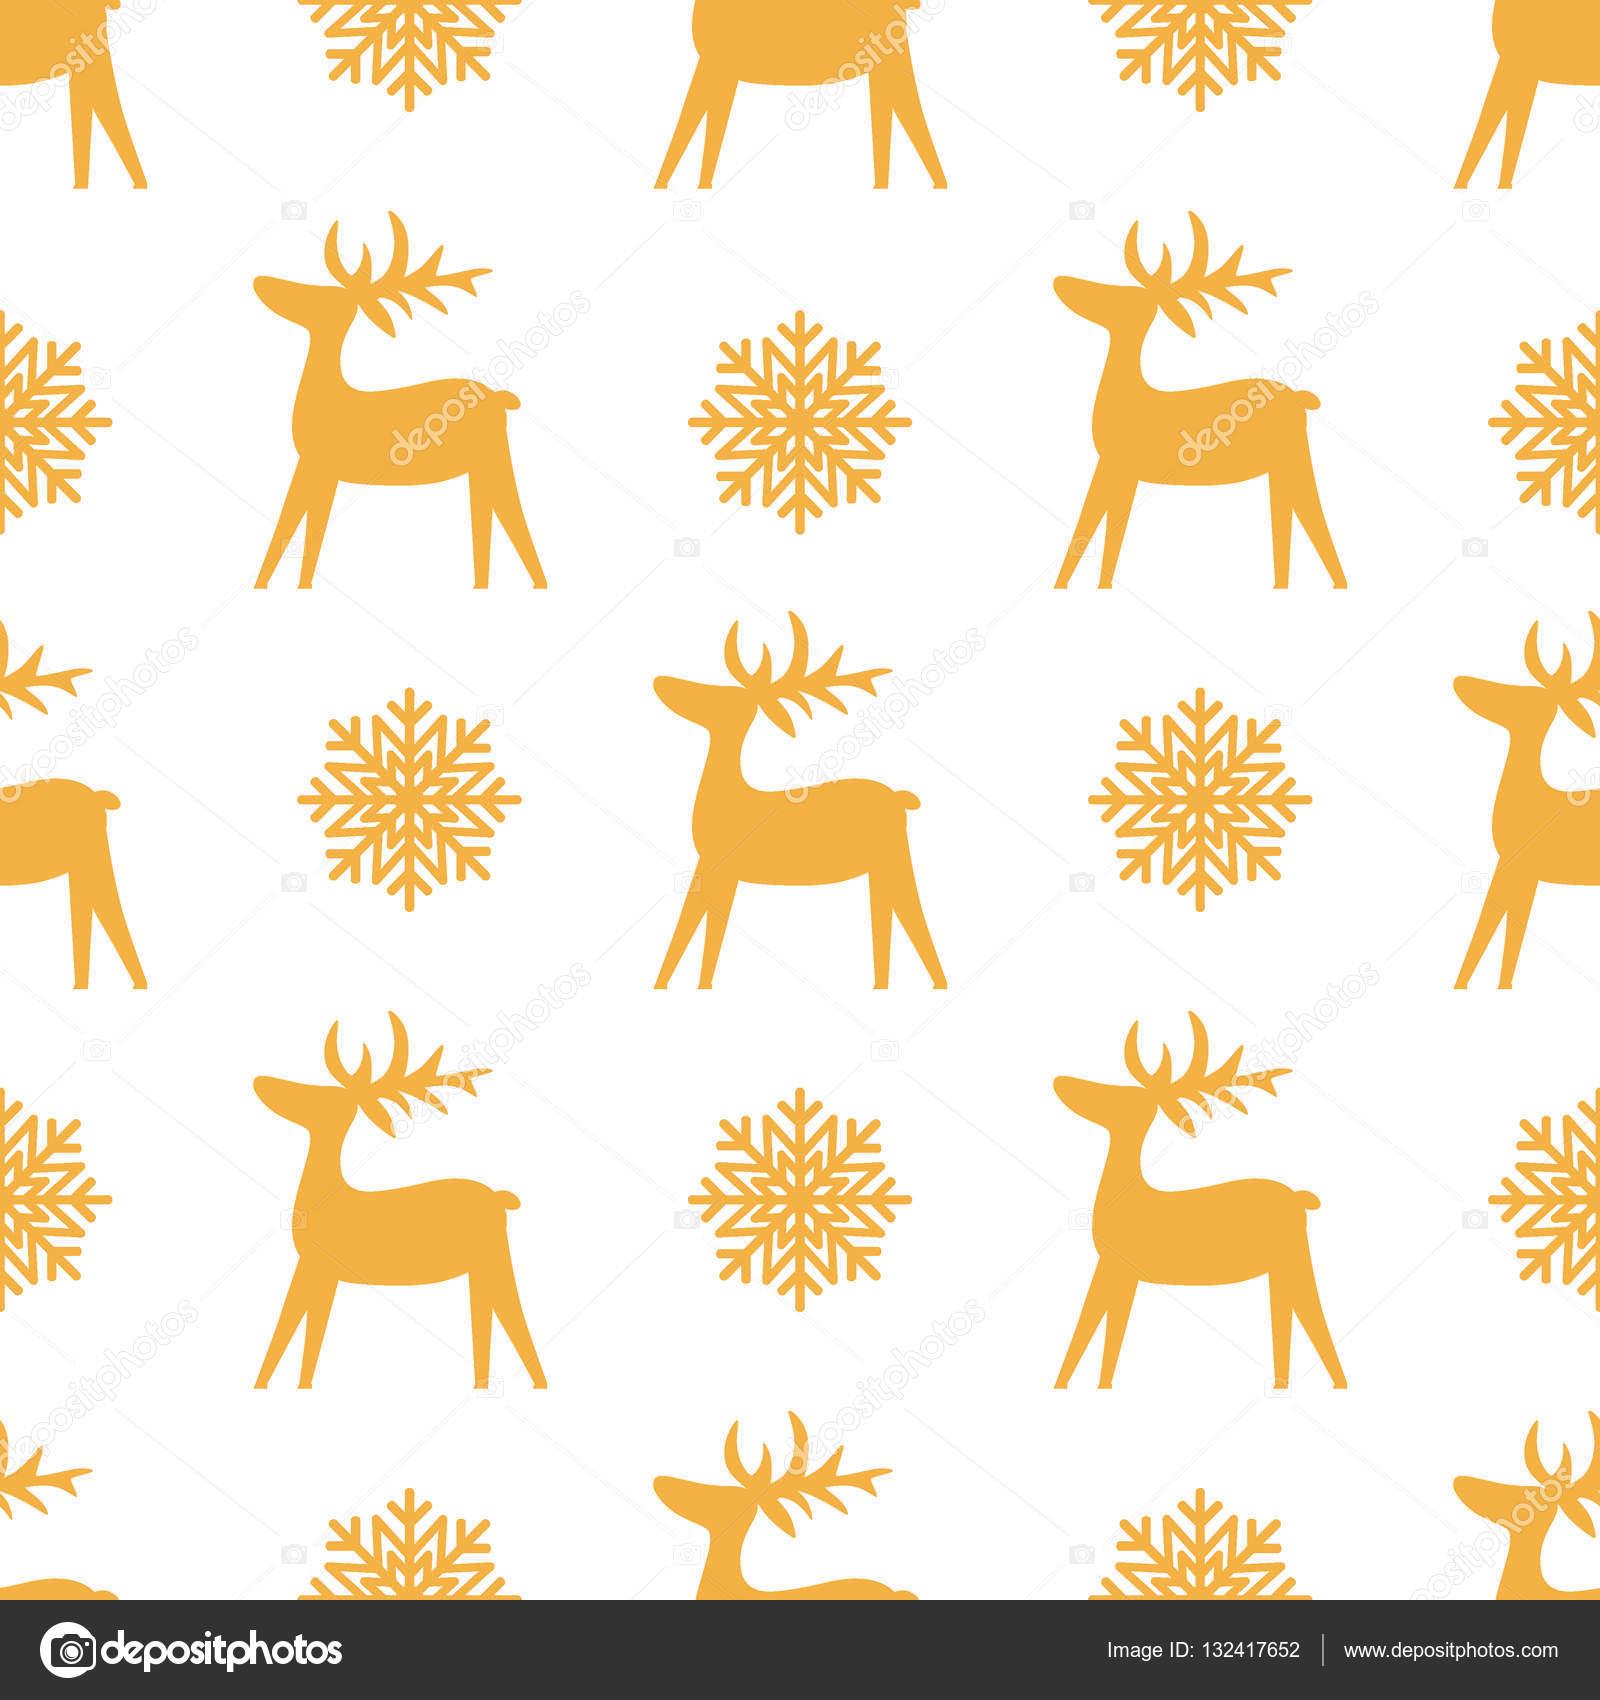 Renos de navidad para imprimir | Textura transparente de Navidad con ...